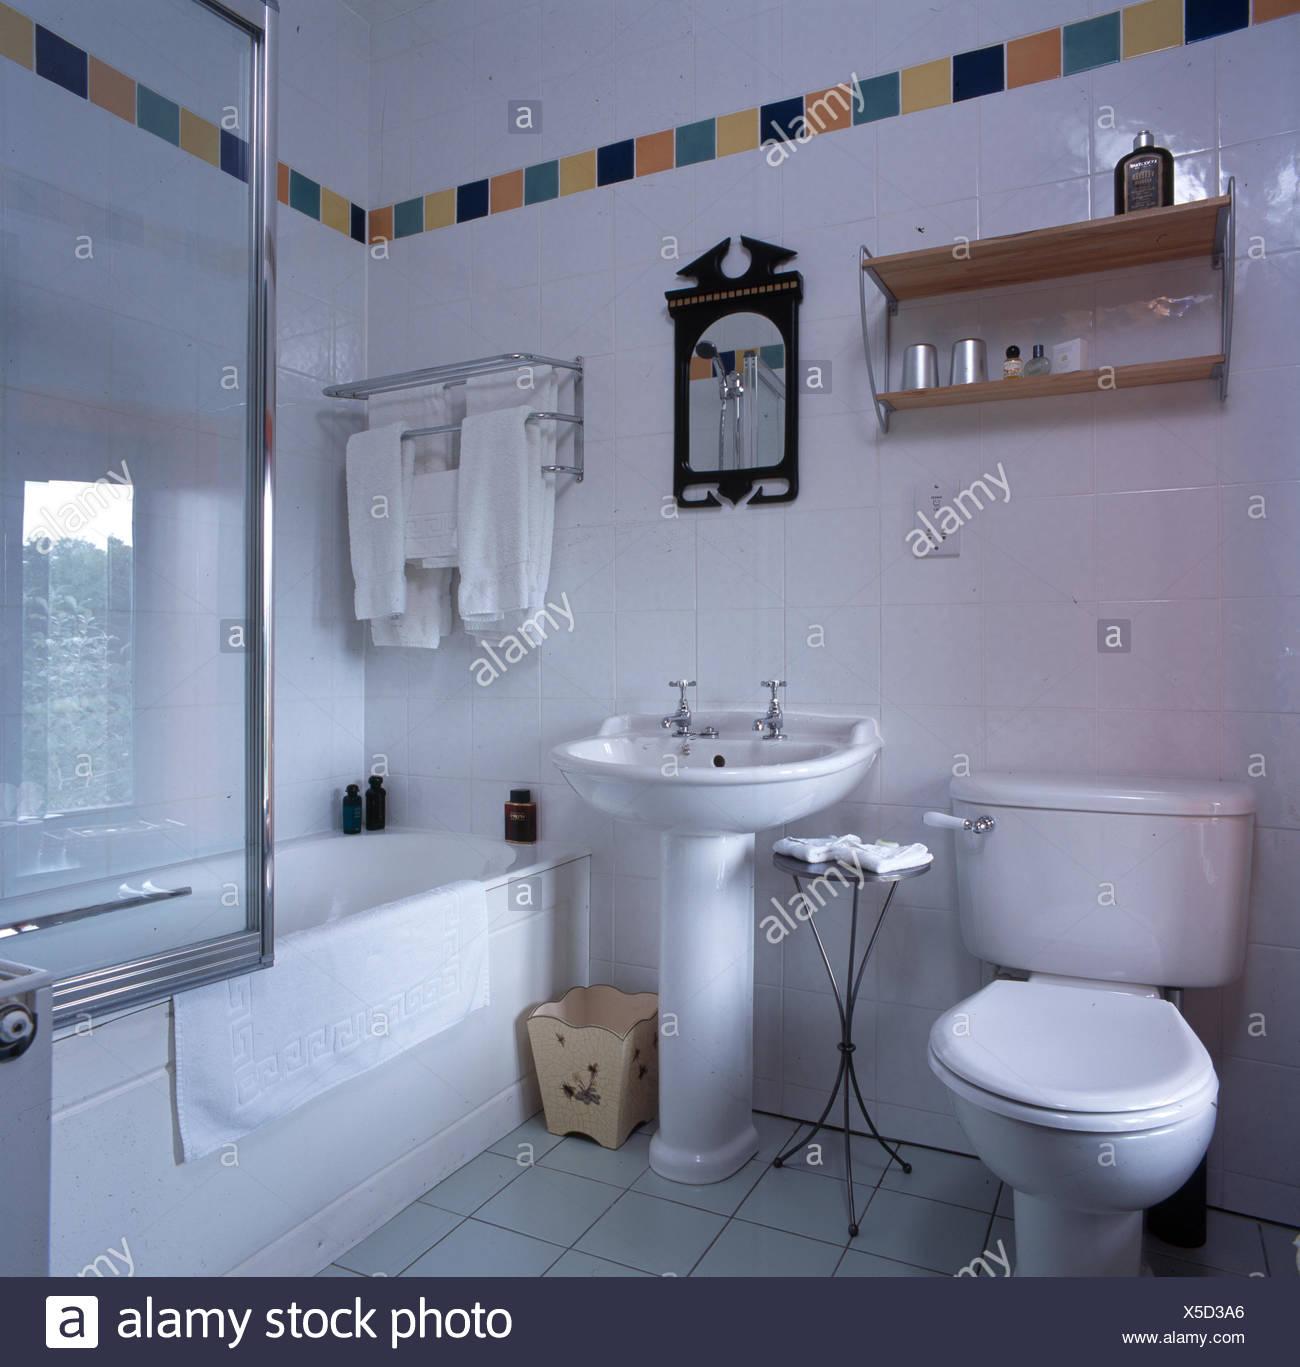 Piastrelle bagno colorate bagno moderno colorato in tutto gallery of piastrelle bagno moderne - Piastrelle bagno bianche ...